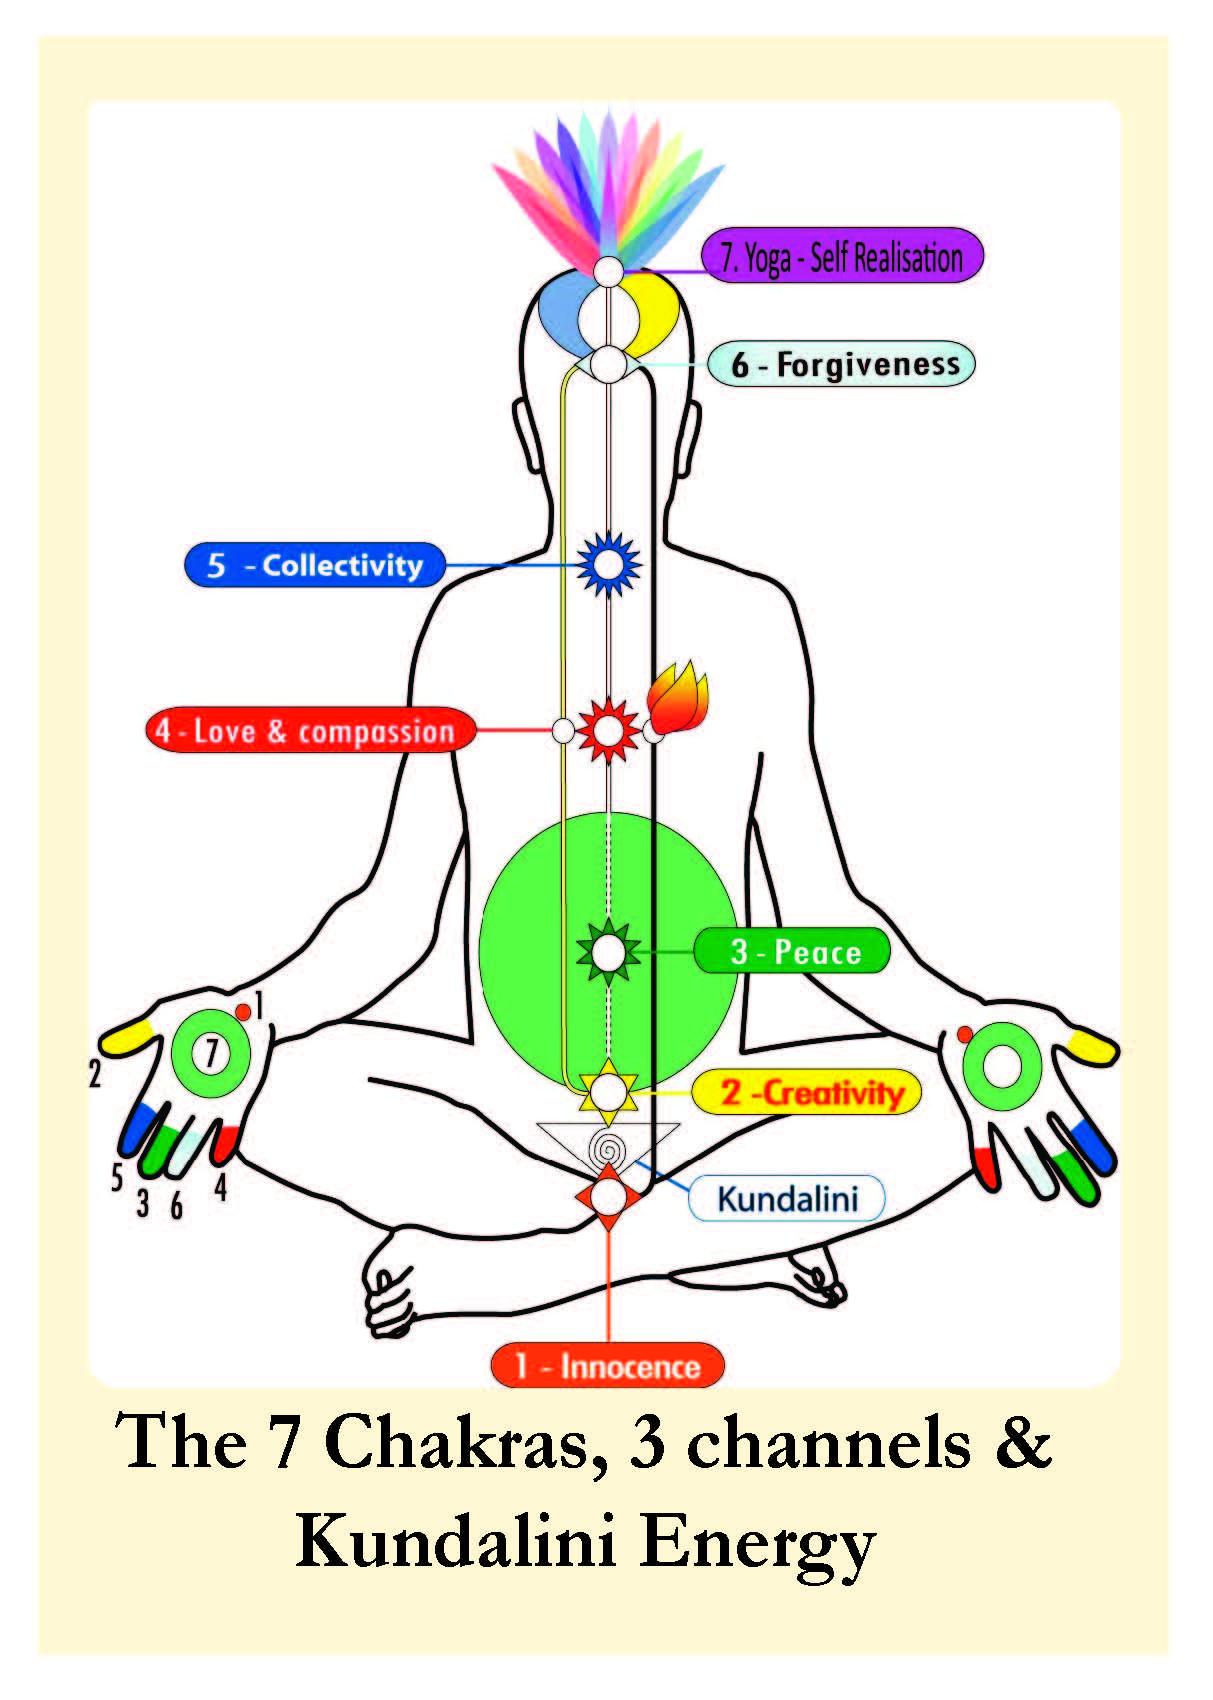 The Chakras With The Tarot Keys: Sahaja Yoga Meditation UK